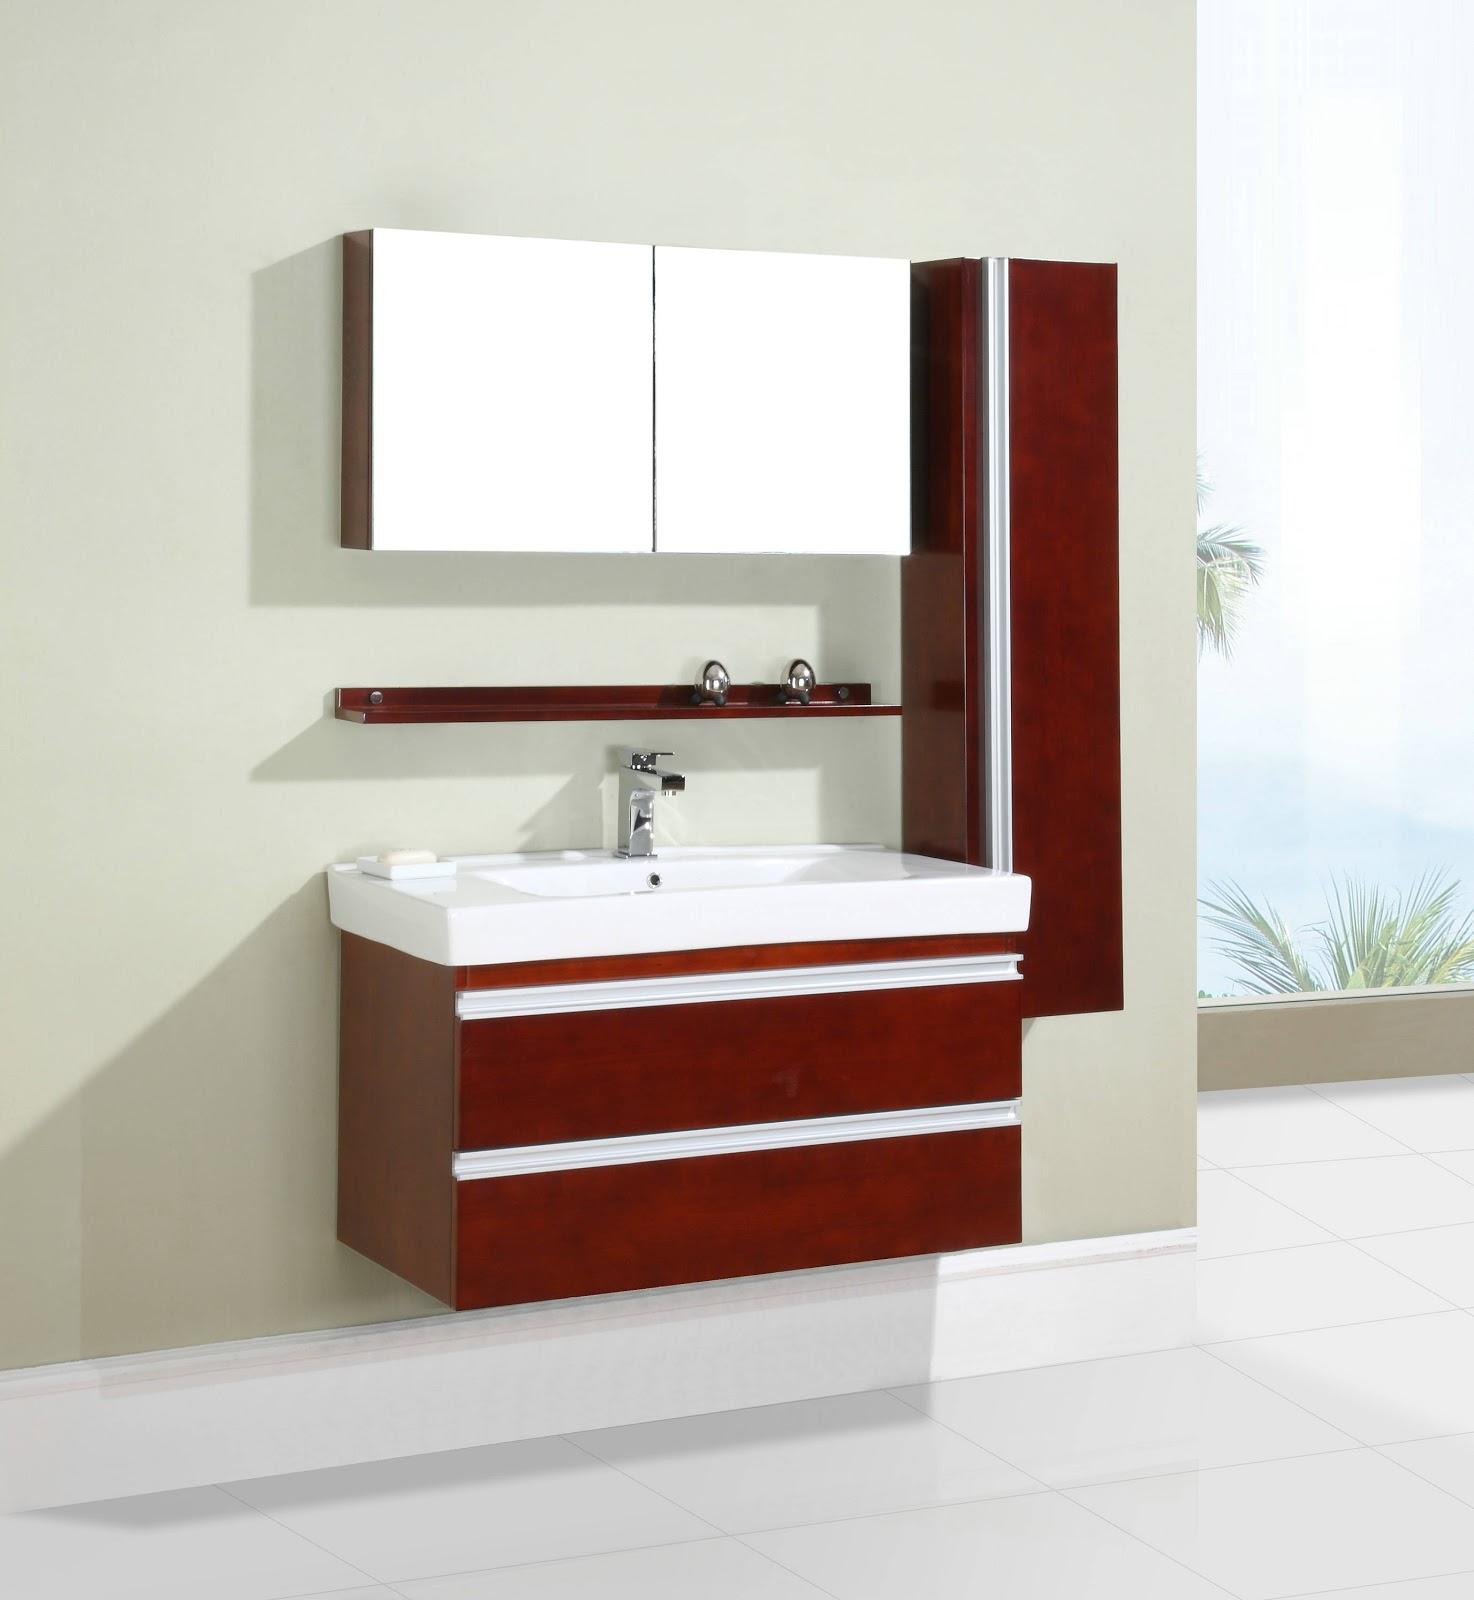 http://3.bp.blogspot.com/-9Paqnj_hyUc/UQf7MKWvPVI/AAAAAAAAAYA/B0Kcnxt_xhc/s1600/bathroom+vanity+4.jpg